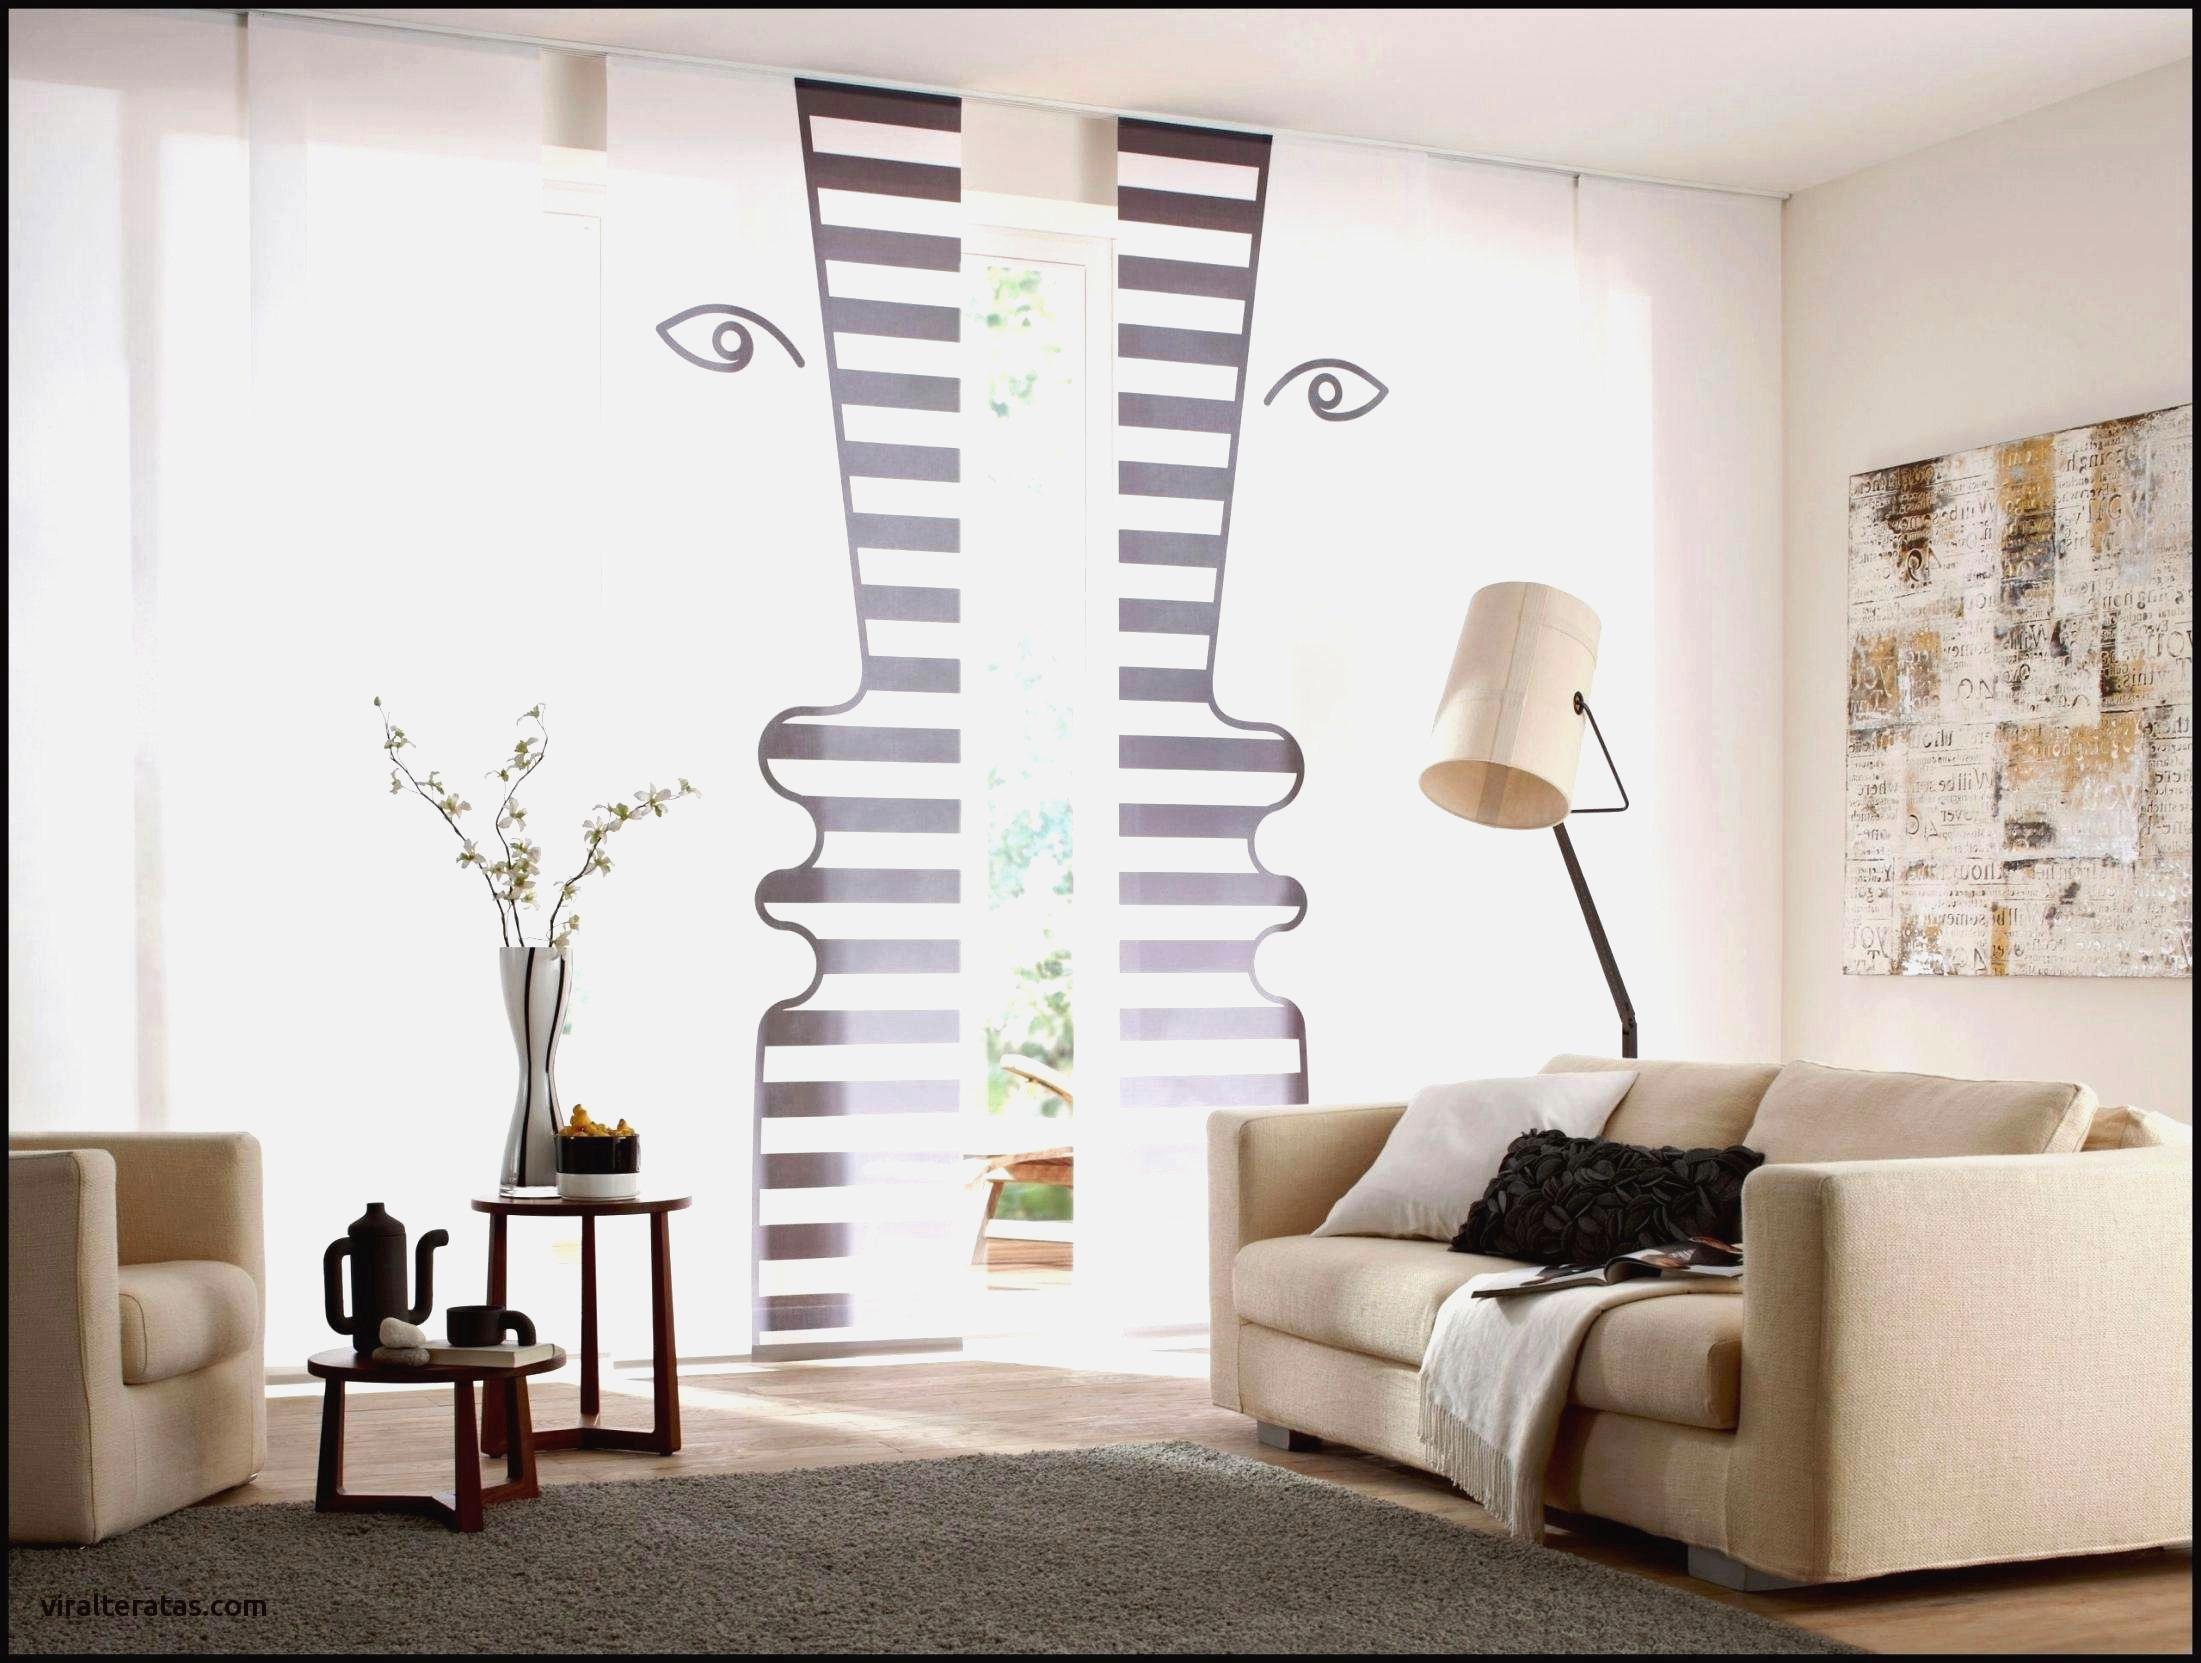 Full Size of Schlafzimmer Gardinen Amazon Modern Bei Verdunkelung Set Ideen Kurz Ikea Katalog Badezimmer Vorhnge Deckenlampe Schranksysteme Günstig Sitzbank Schrank Wohnzimmer Schlafzimmer Gardinen